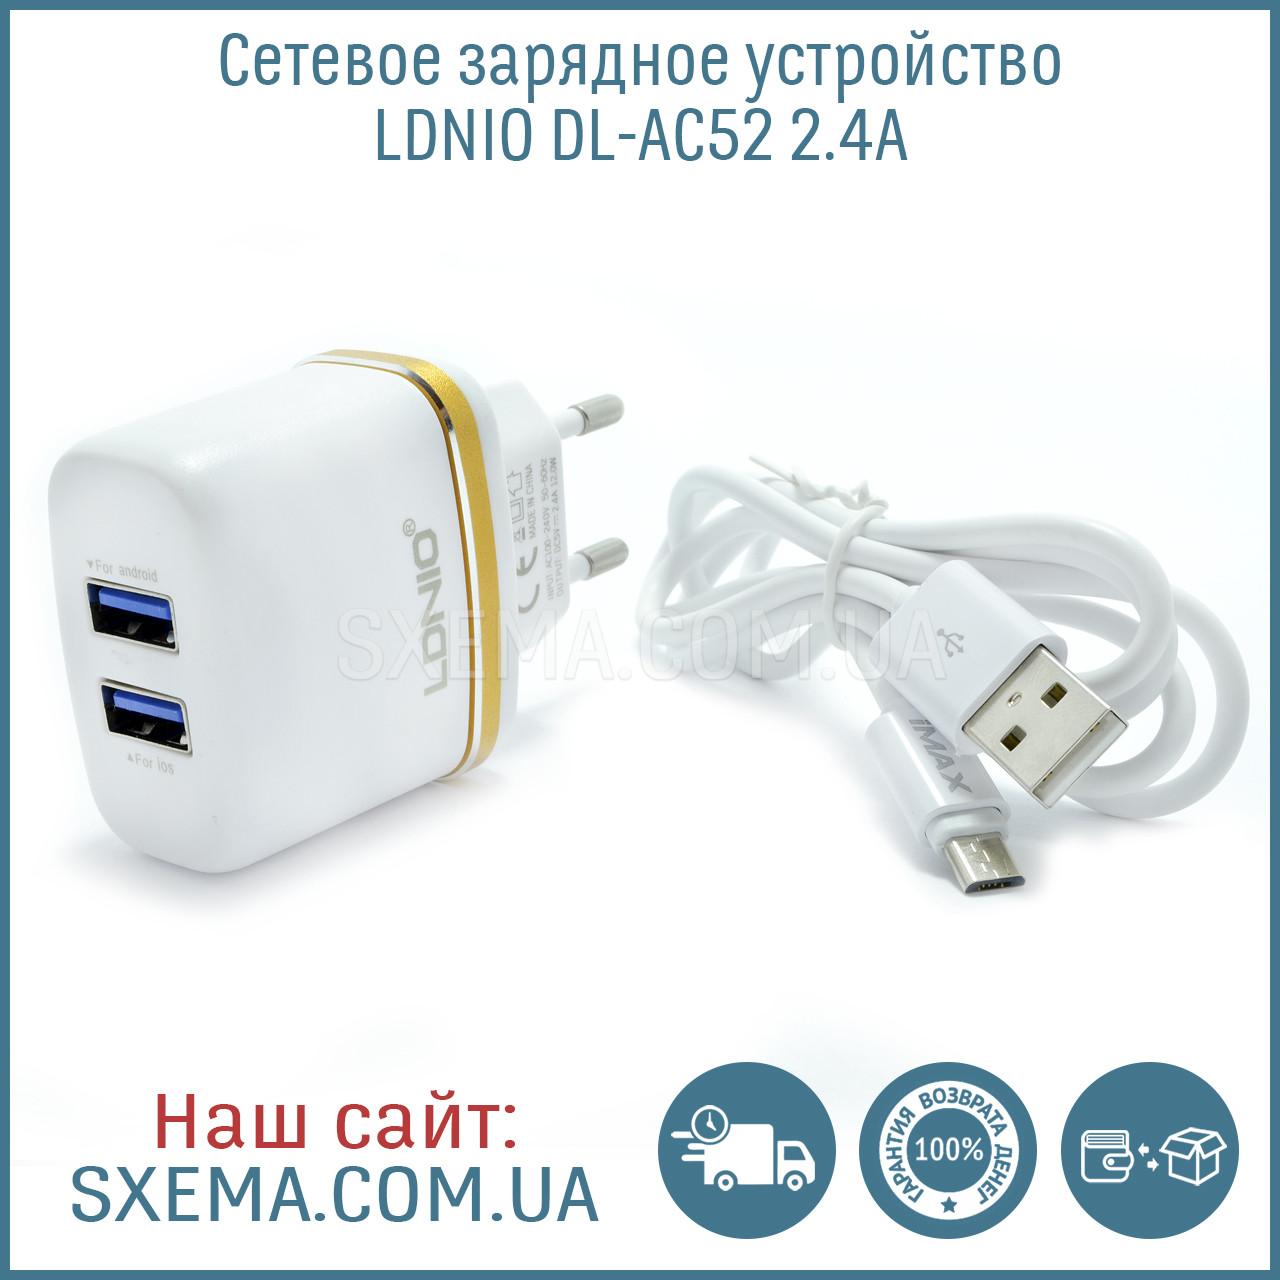 Сетевое зарядное устройство LDNIO DL-AC52 2.4A , 2 разъема USB, с кабелем iMax